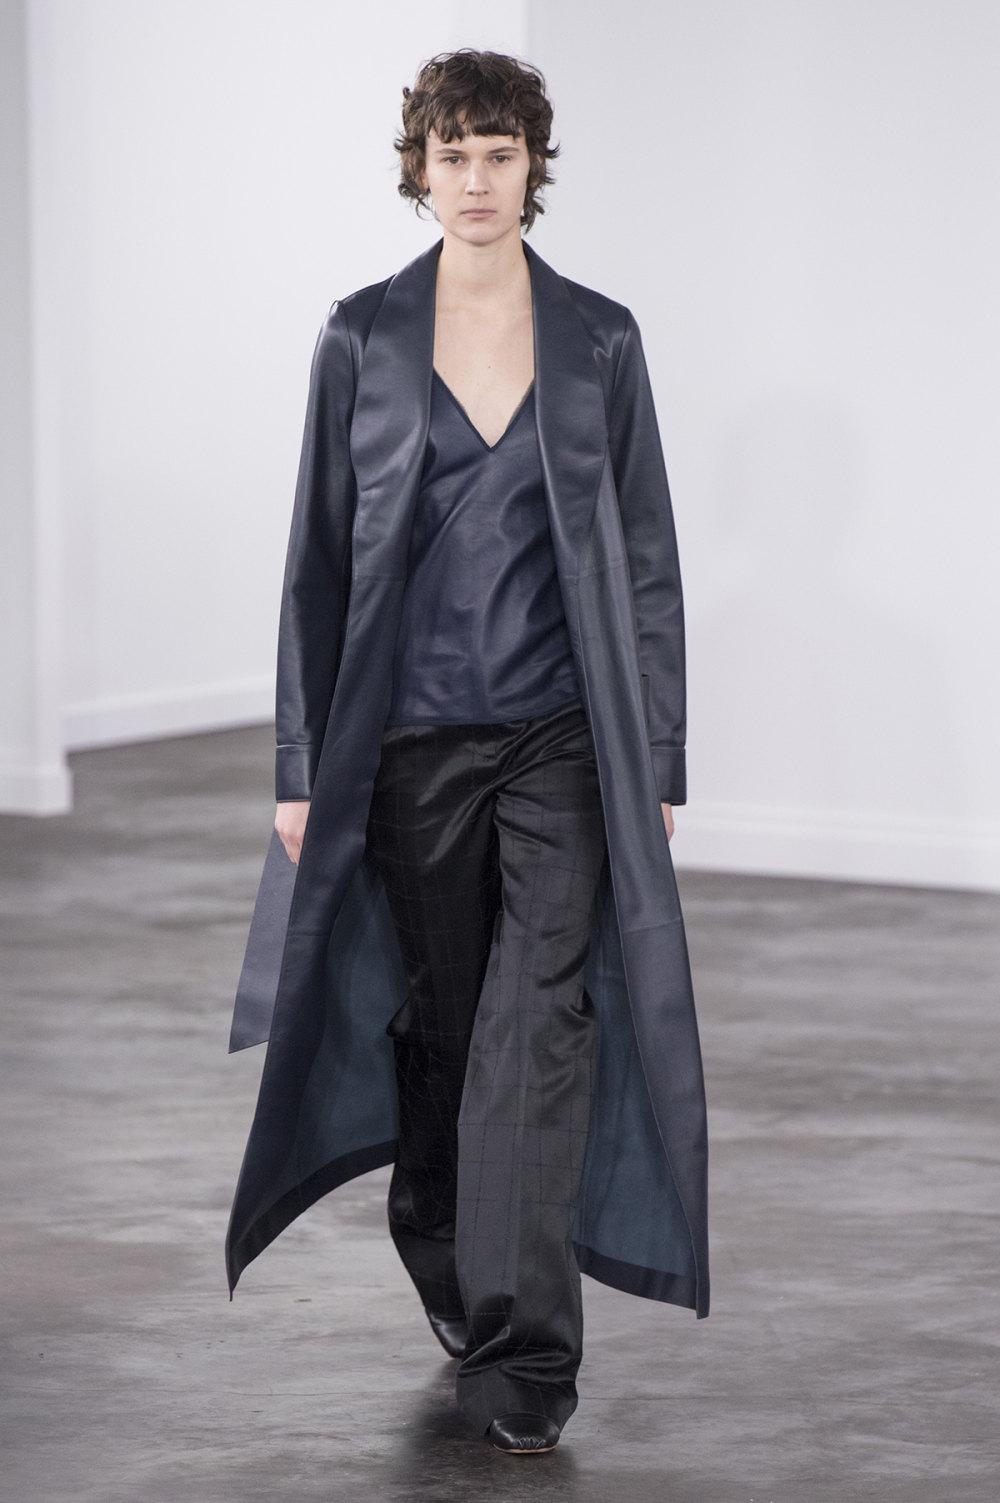 Gabriela Hearst时装系列细条纹西装和宽大毛衣之间形成鲜明对比-31.jpg